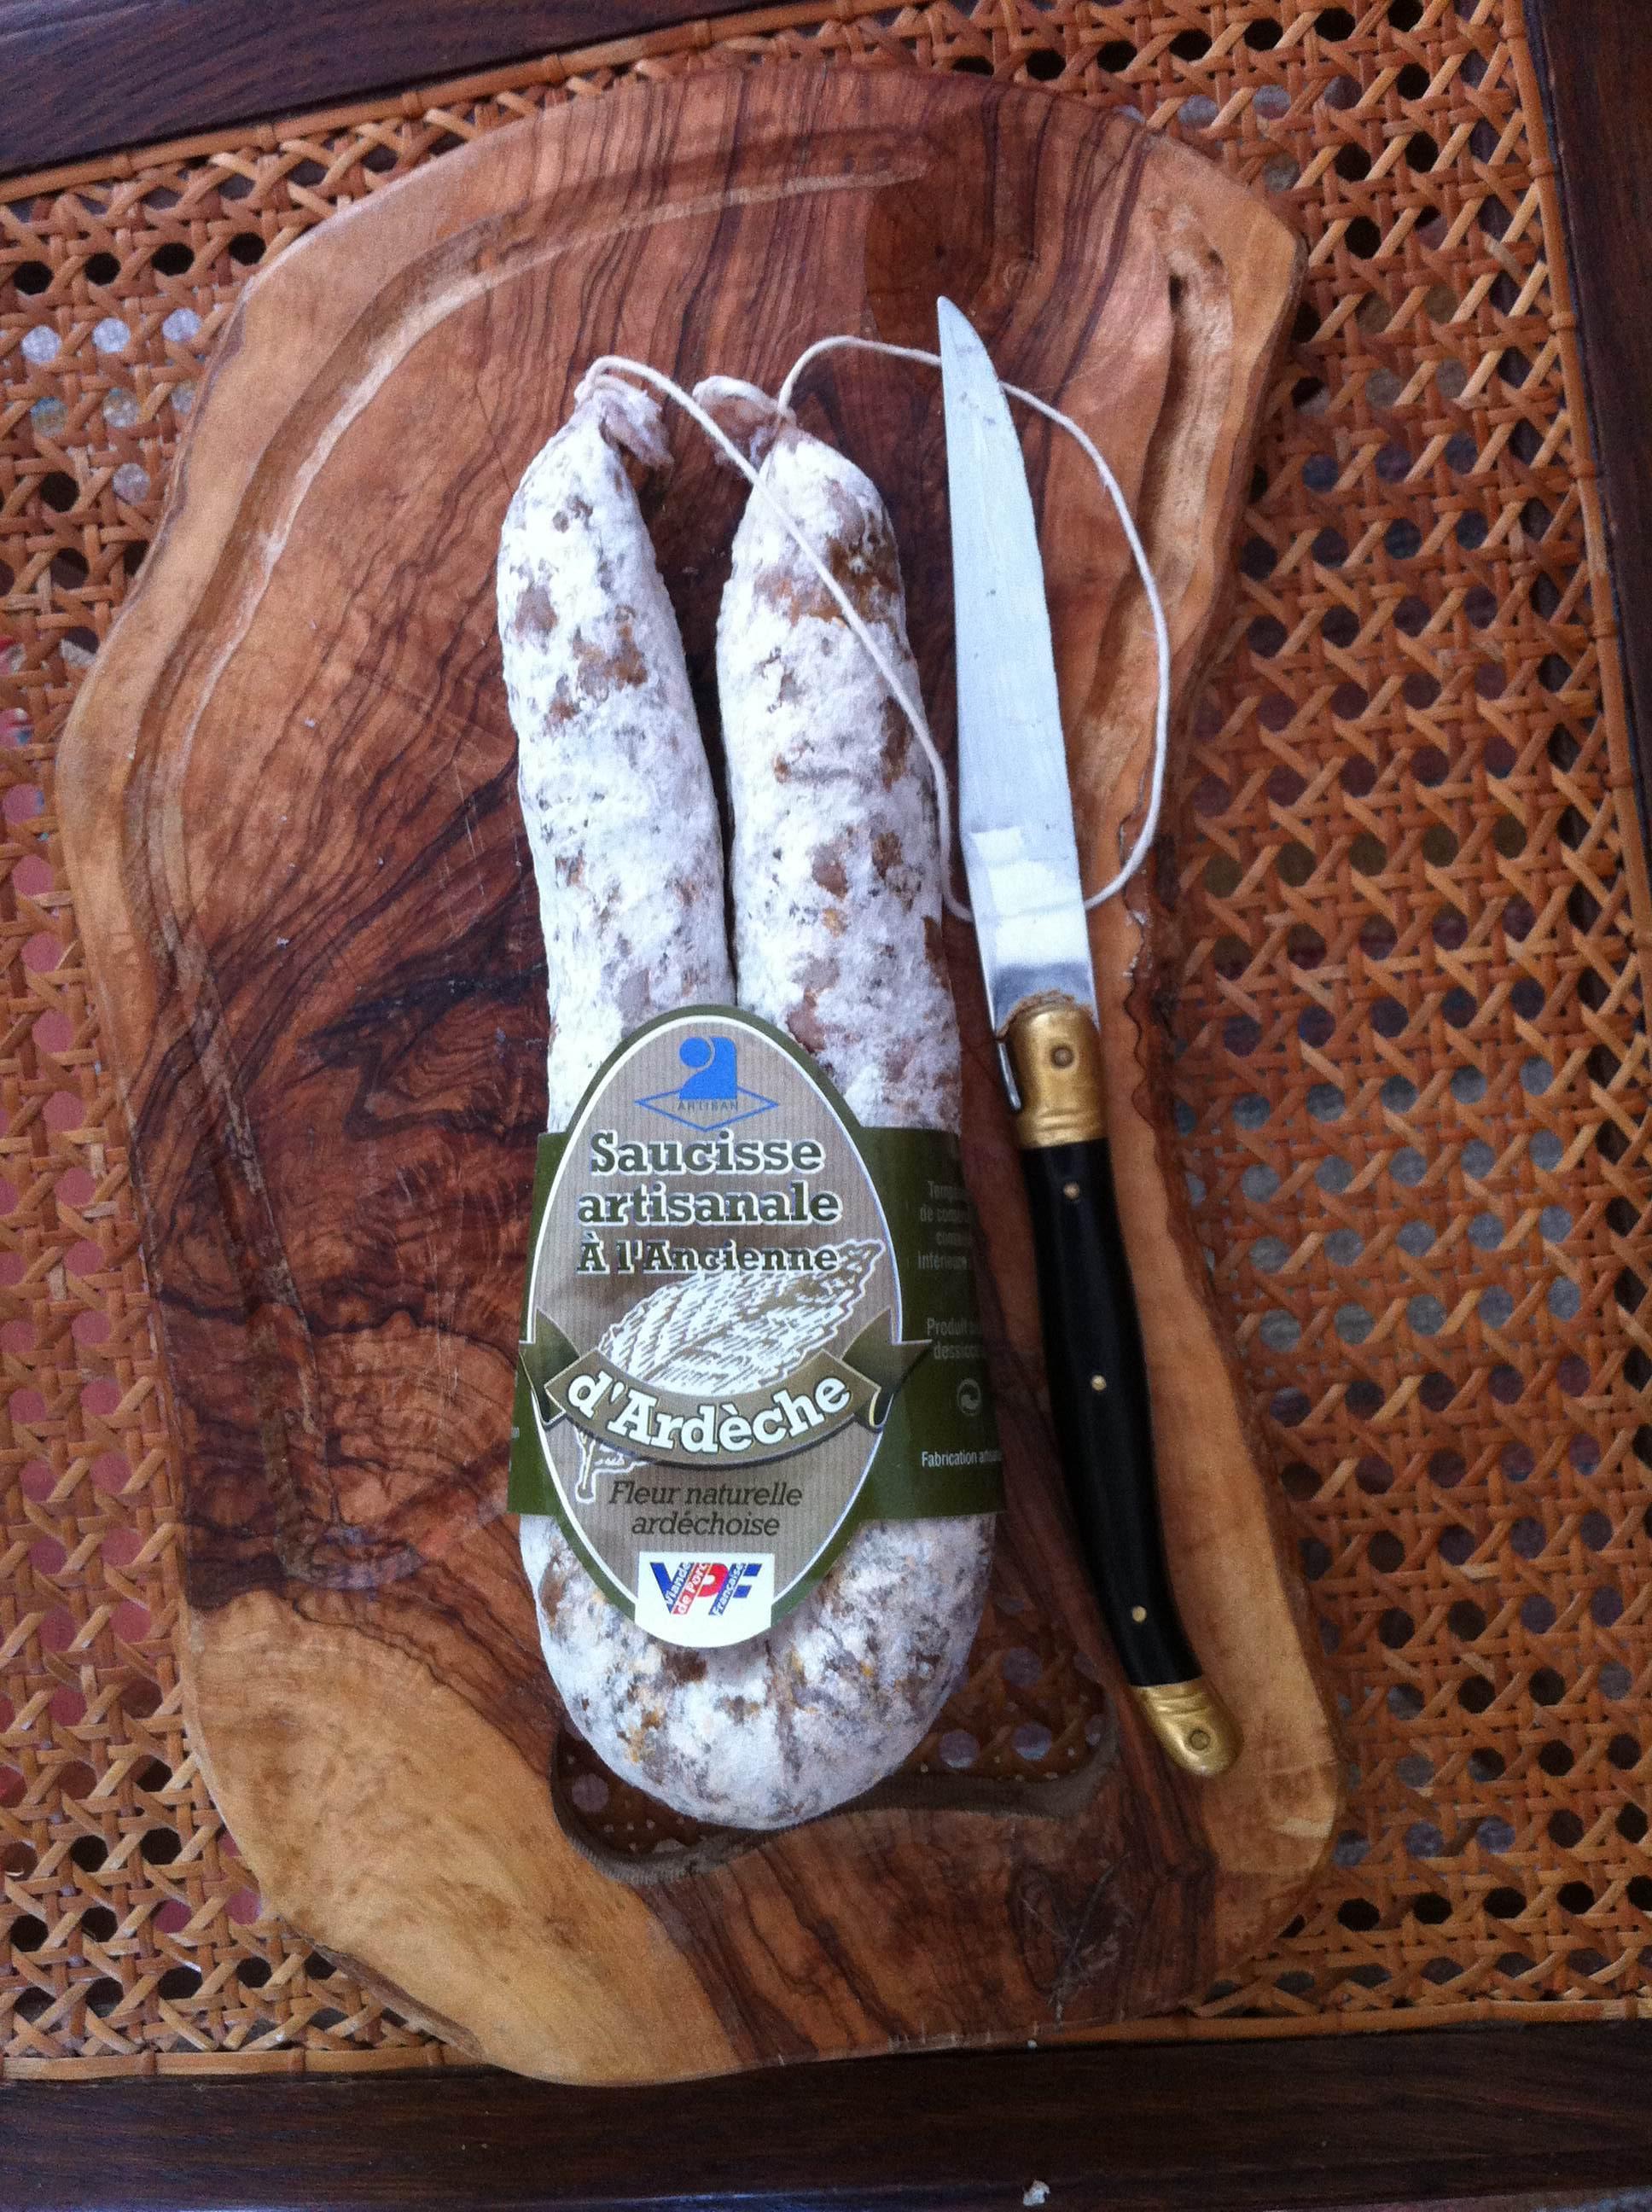 Saucisse sèche artisanale d'Ardèche Sauss de Terroirs 1